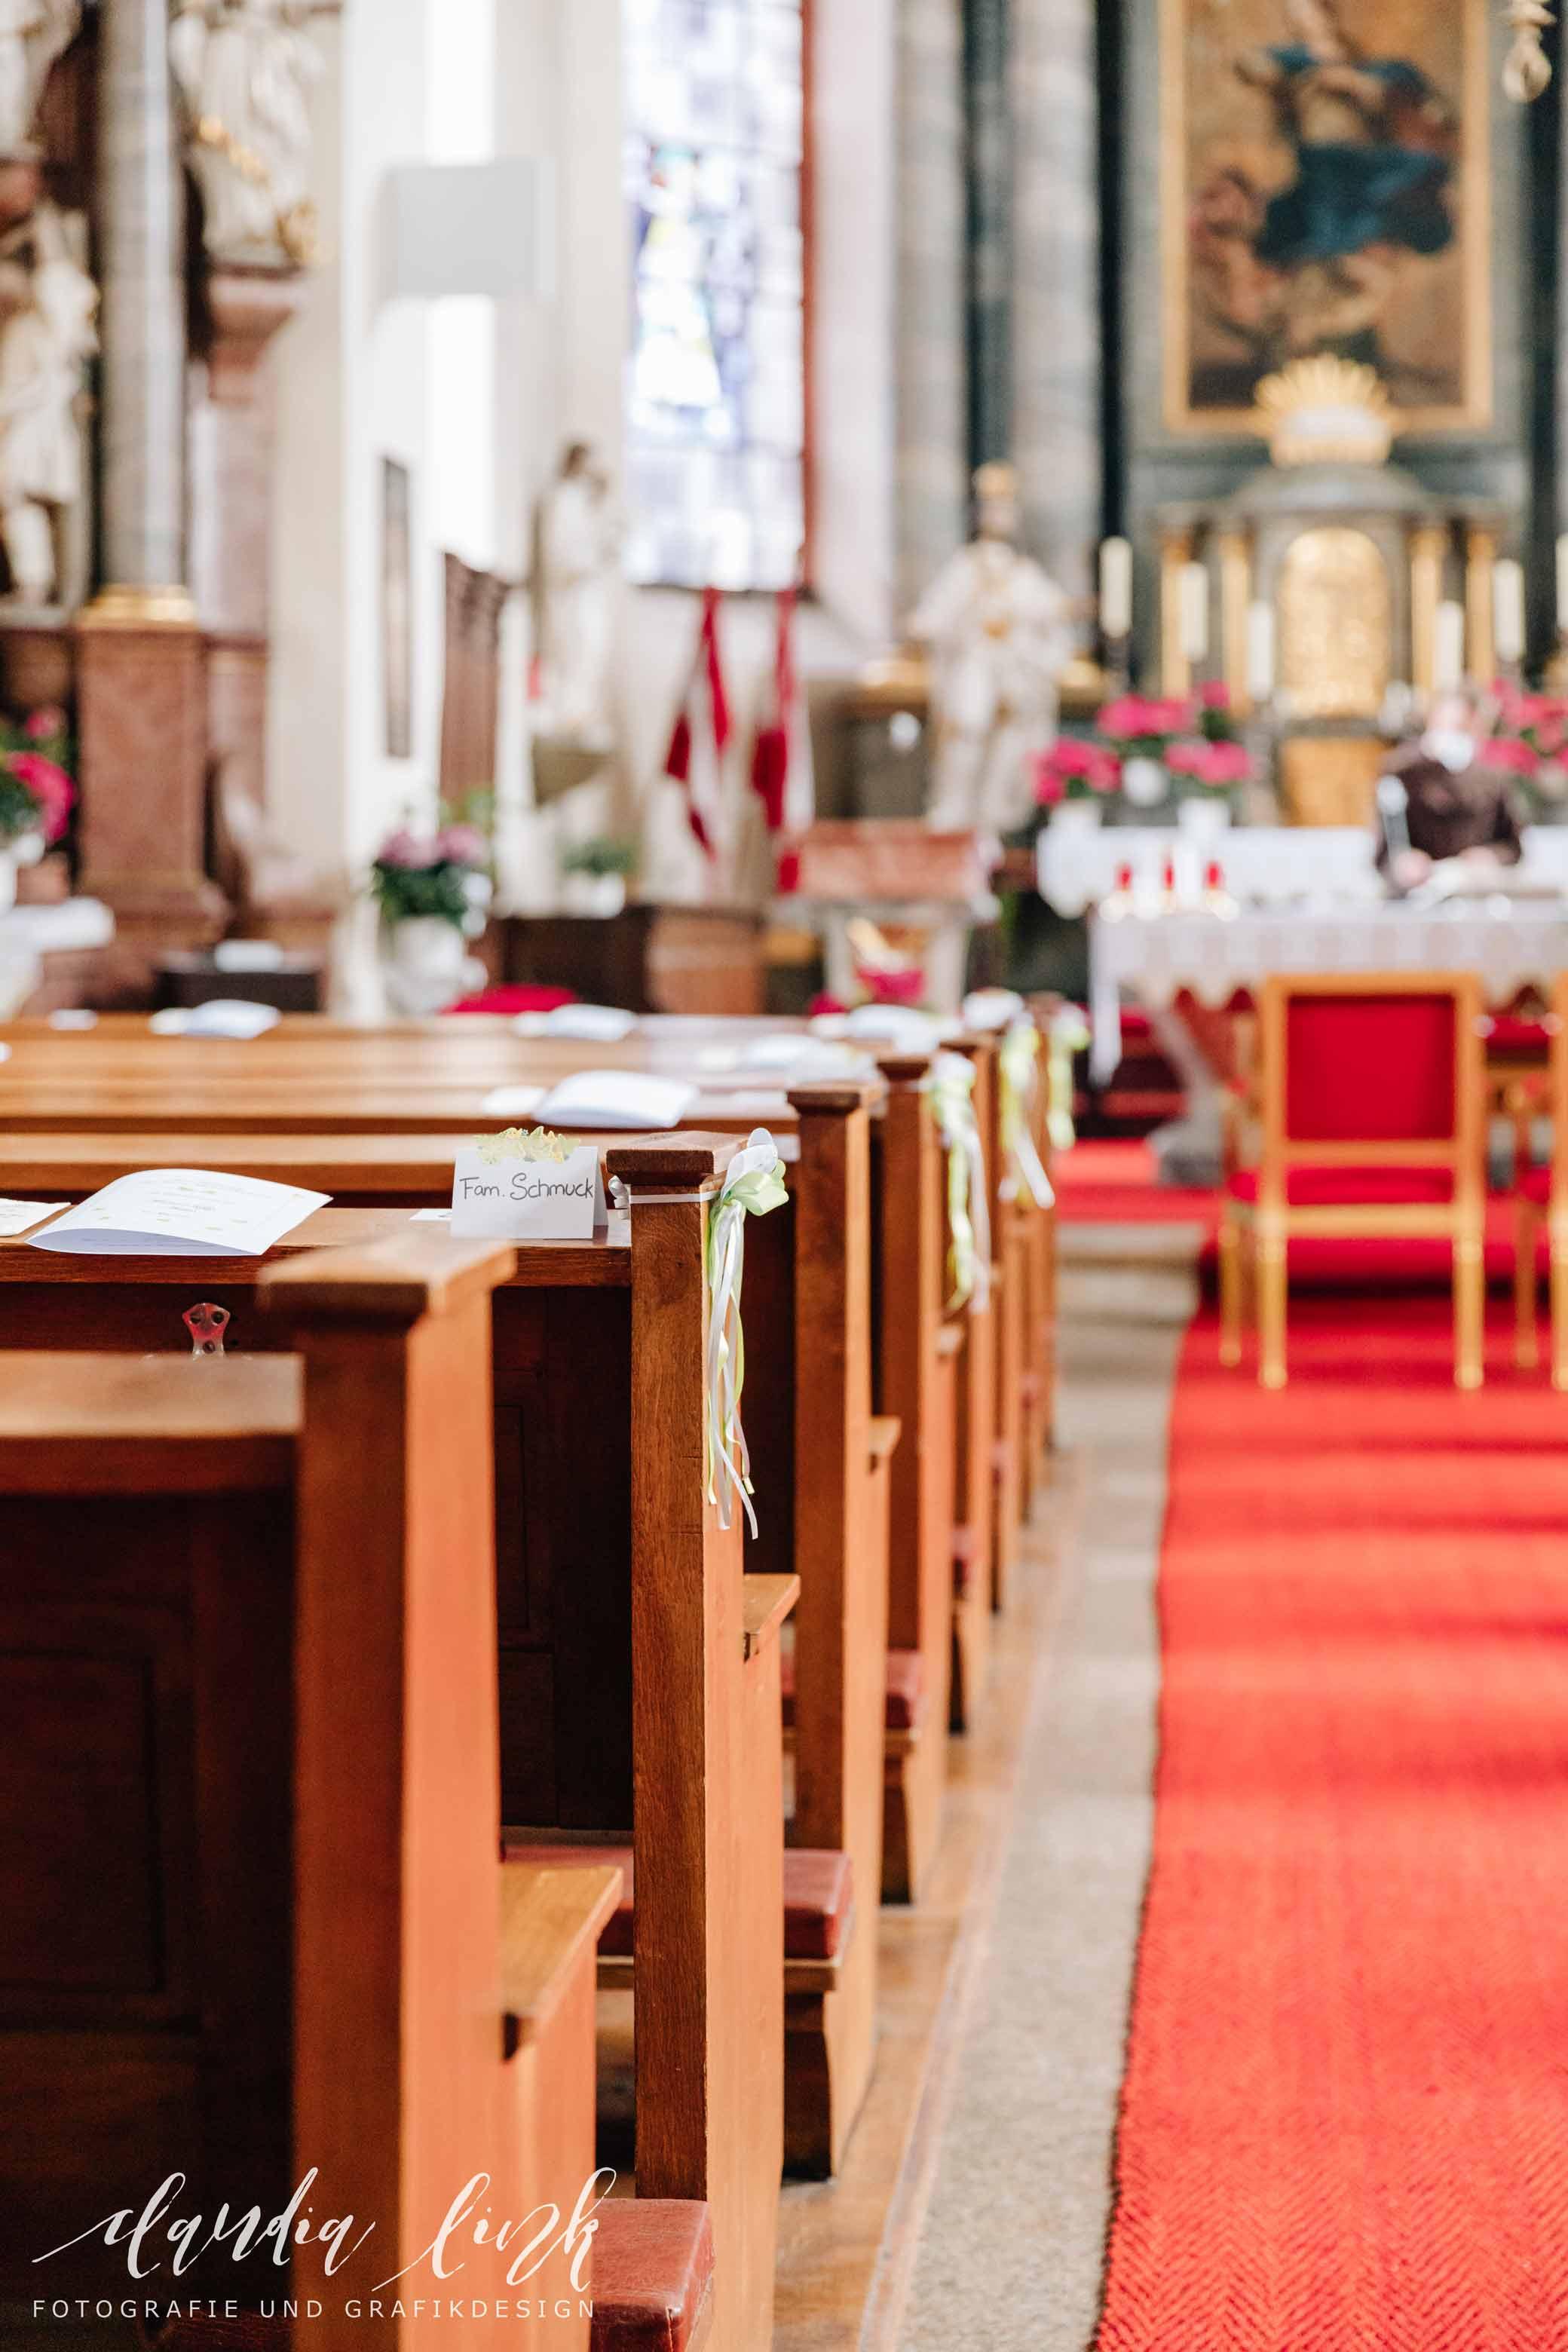 Kirchliche Hochzeit in Corona-Zeiten im fränkischen Burgkunstadt IMG 9682w